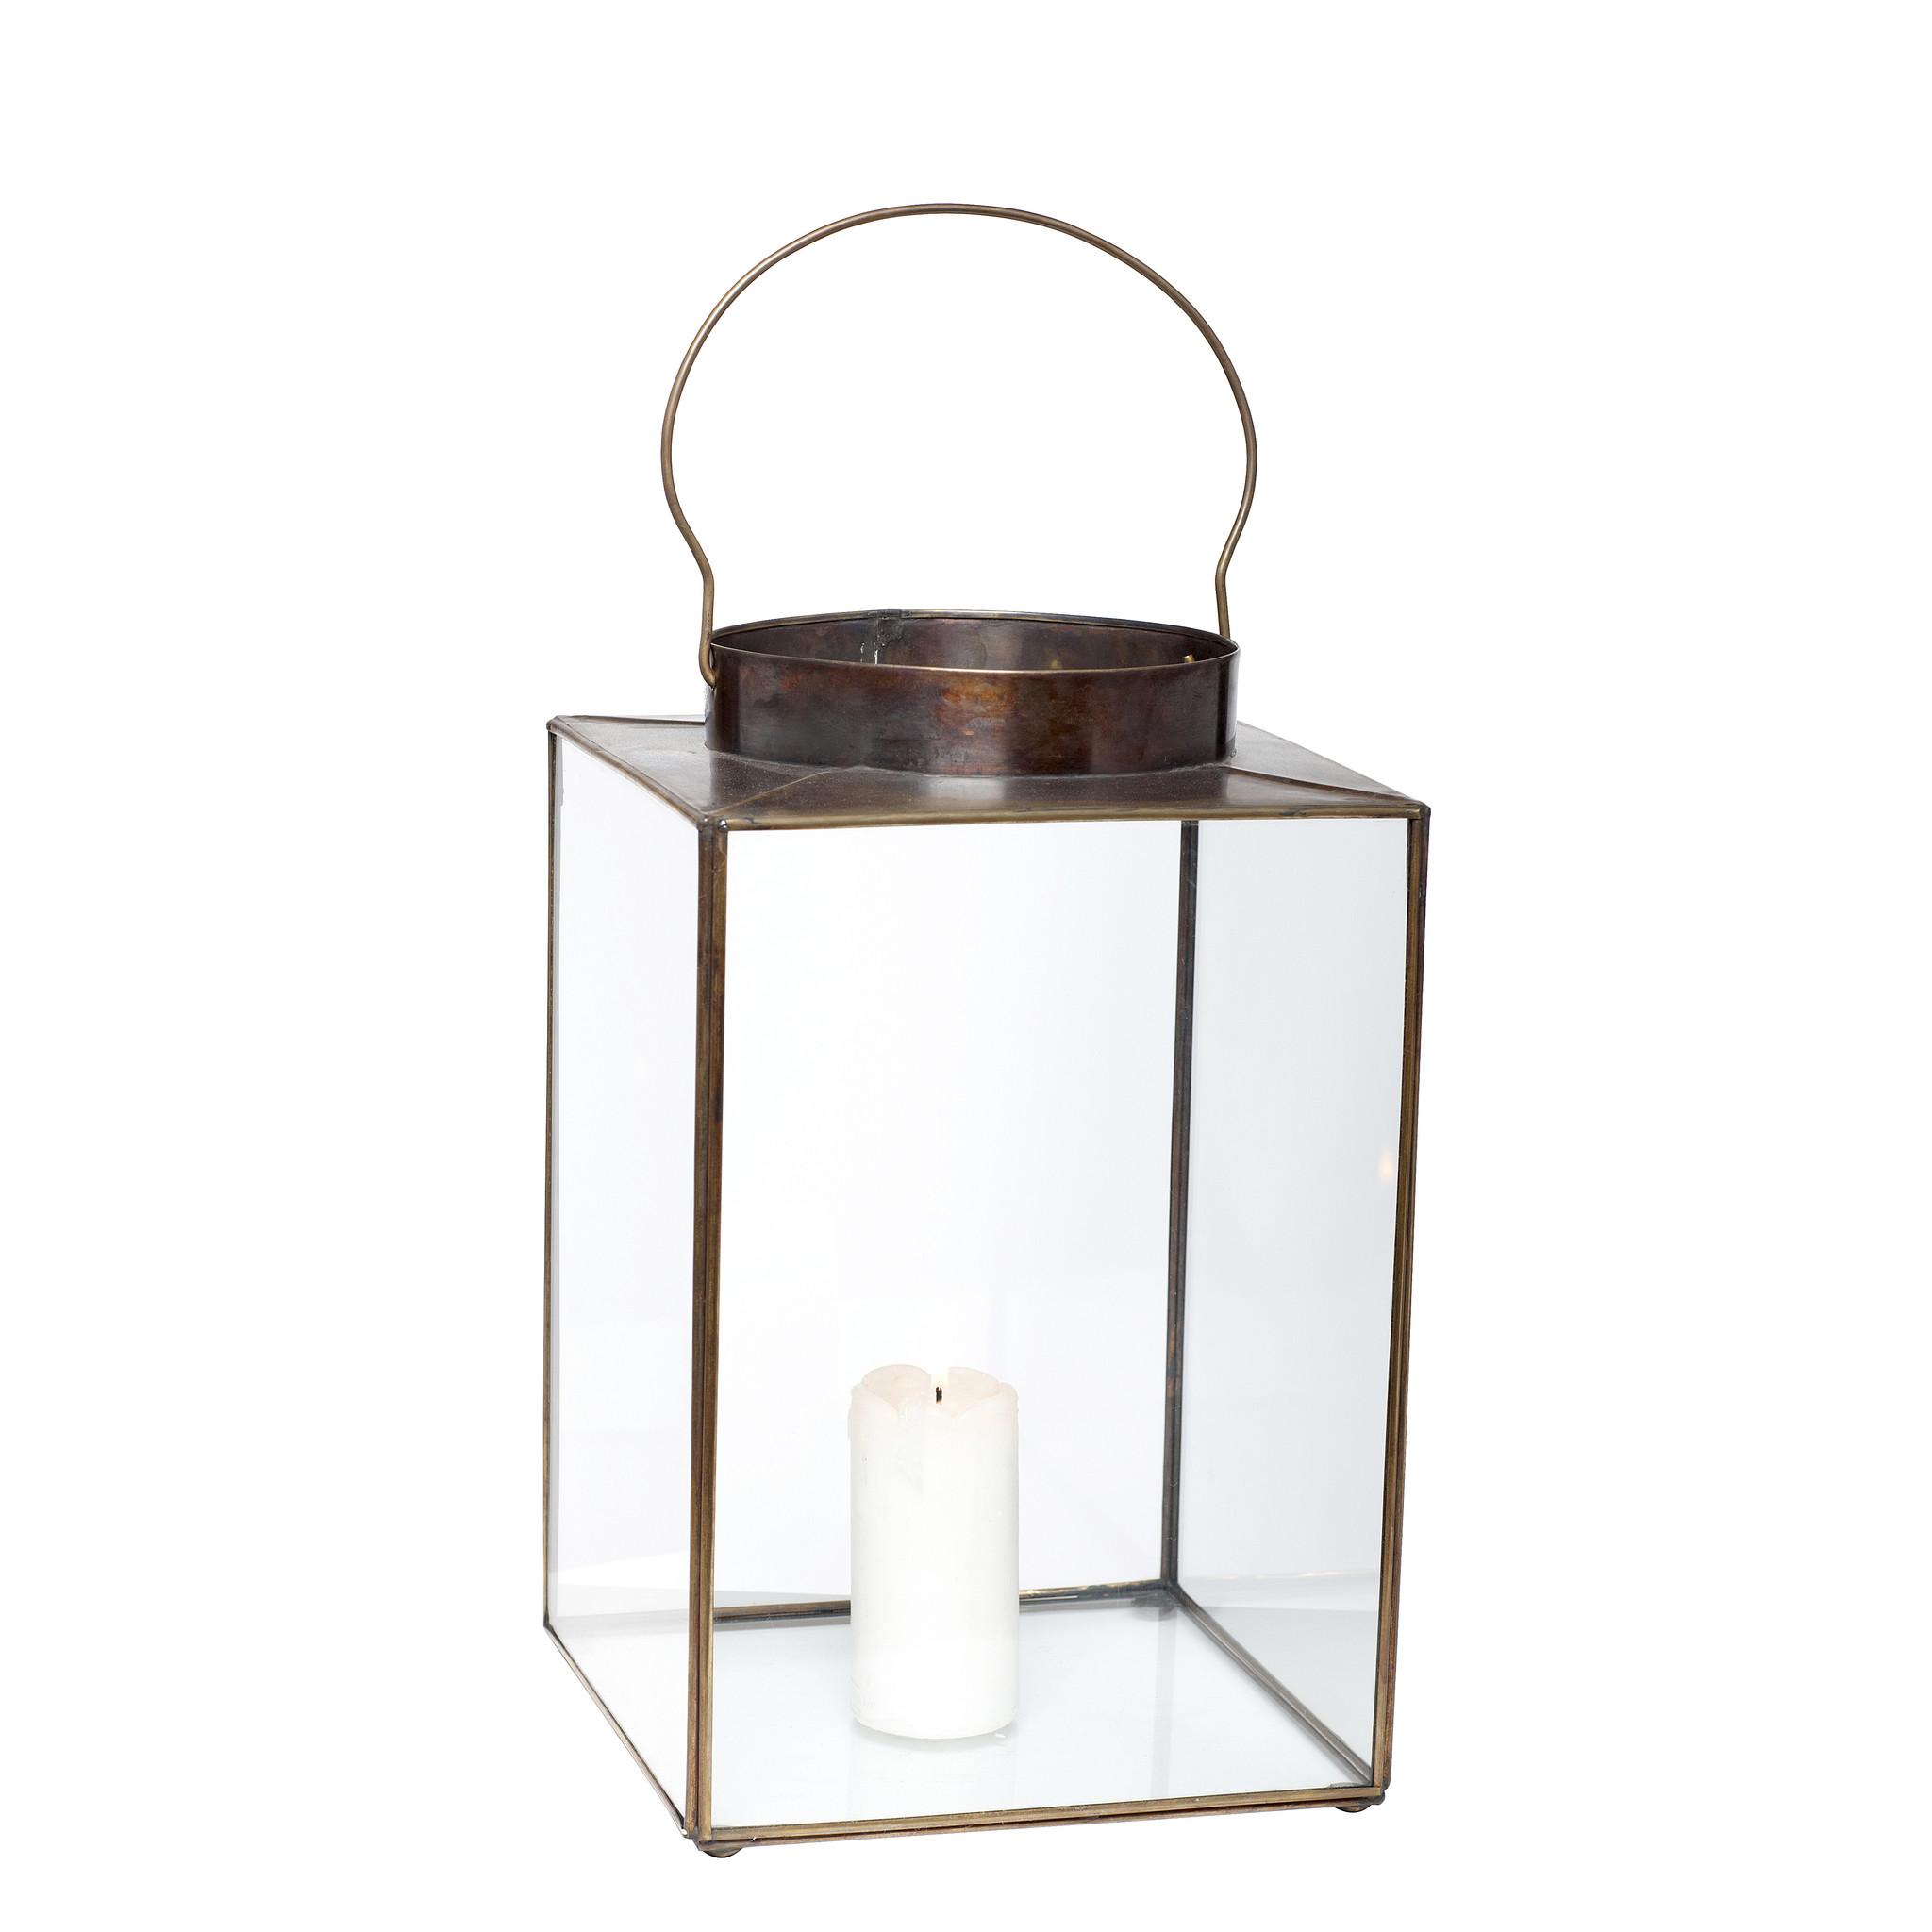 Hubsch Lantaarn met handgrepen, vierkant, glaset van metaal